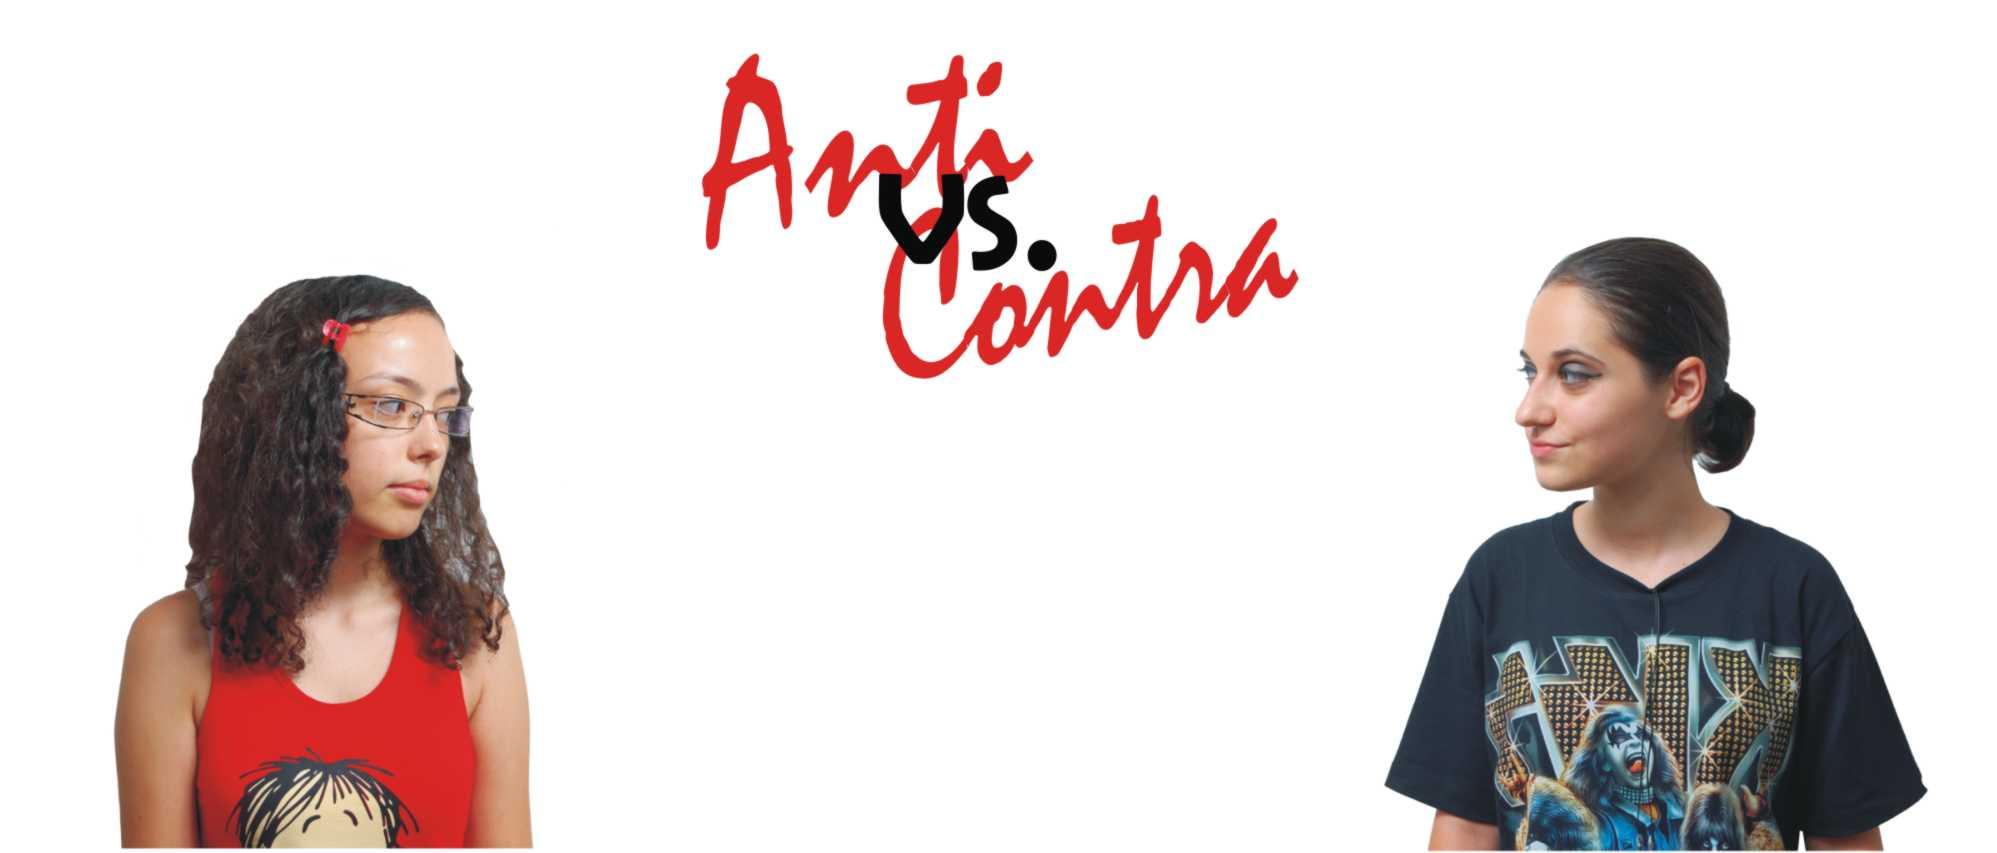 Anti vs Contra - PRO vs CONTRA Xerox